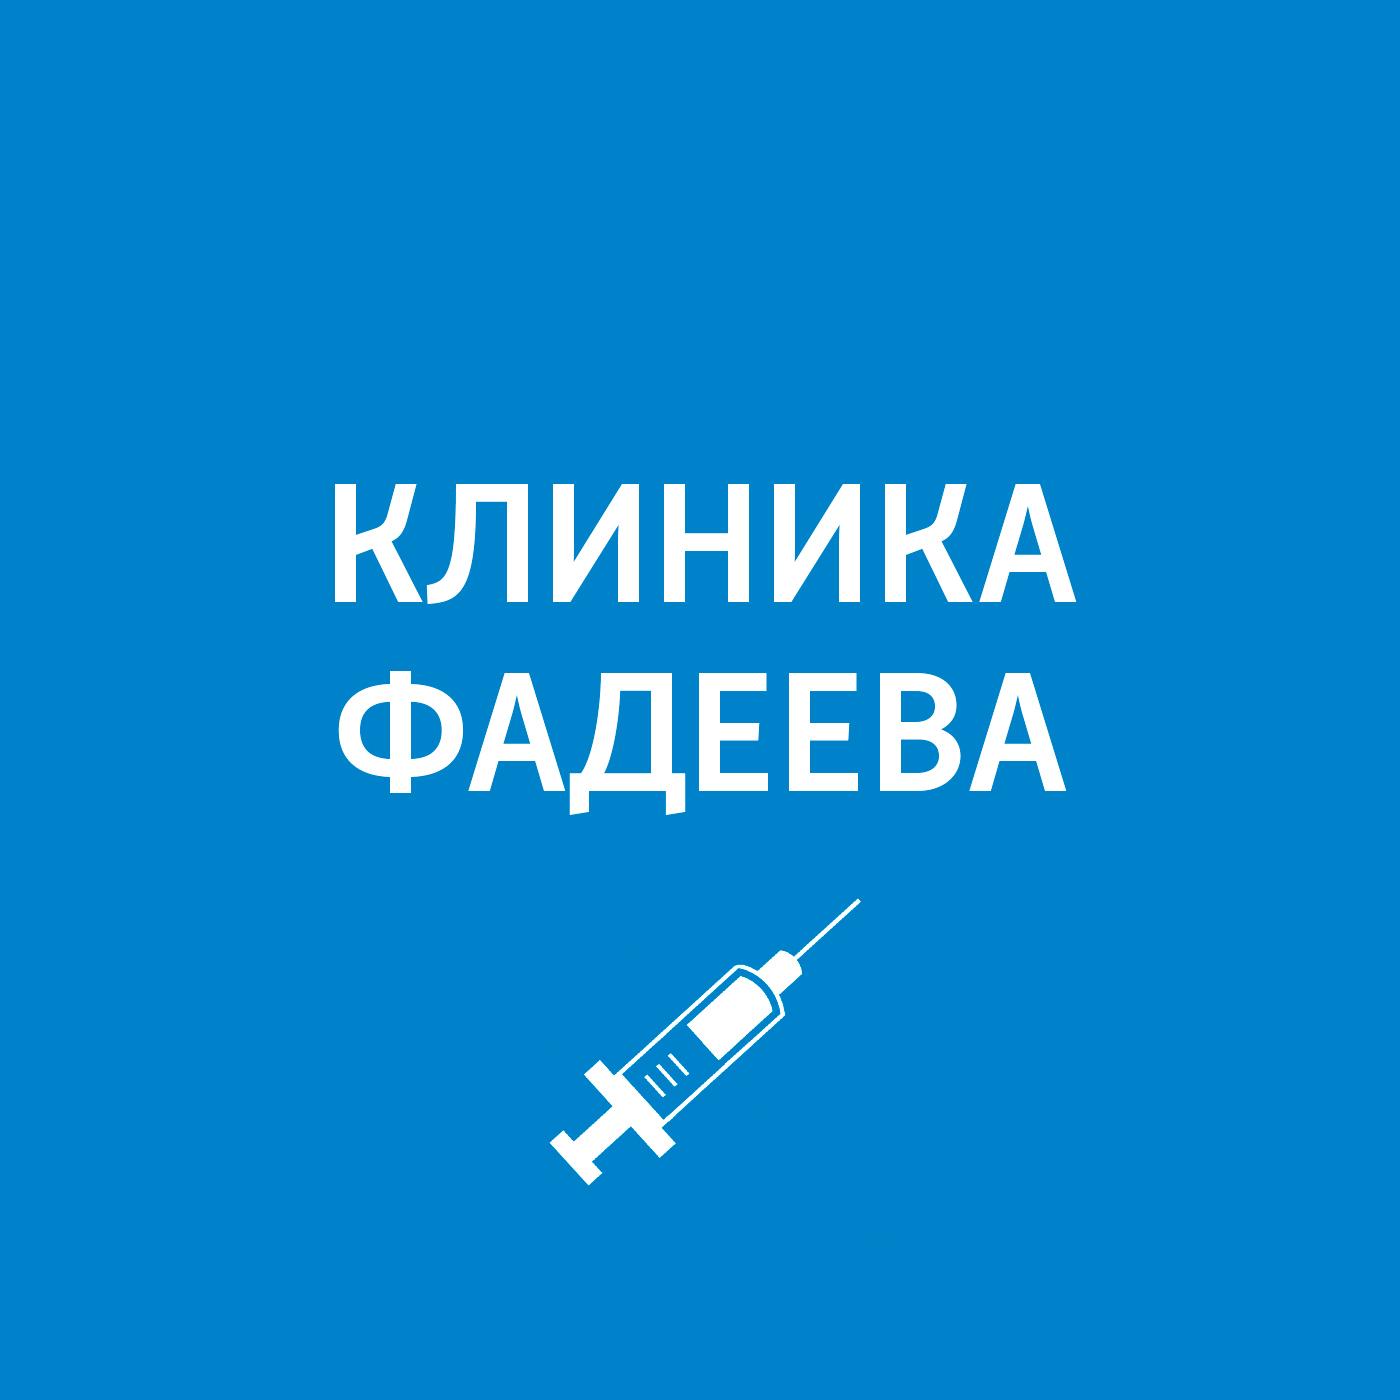 Фото - Пётр Фадеев Врач-отоларинголог пётр фадеев врач неотложной помощи